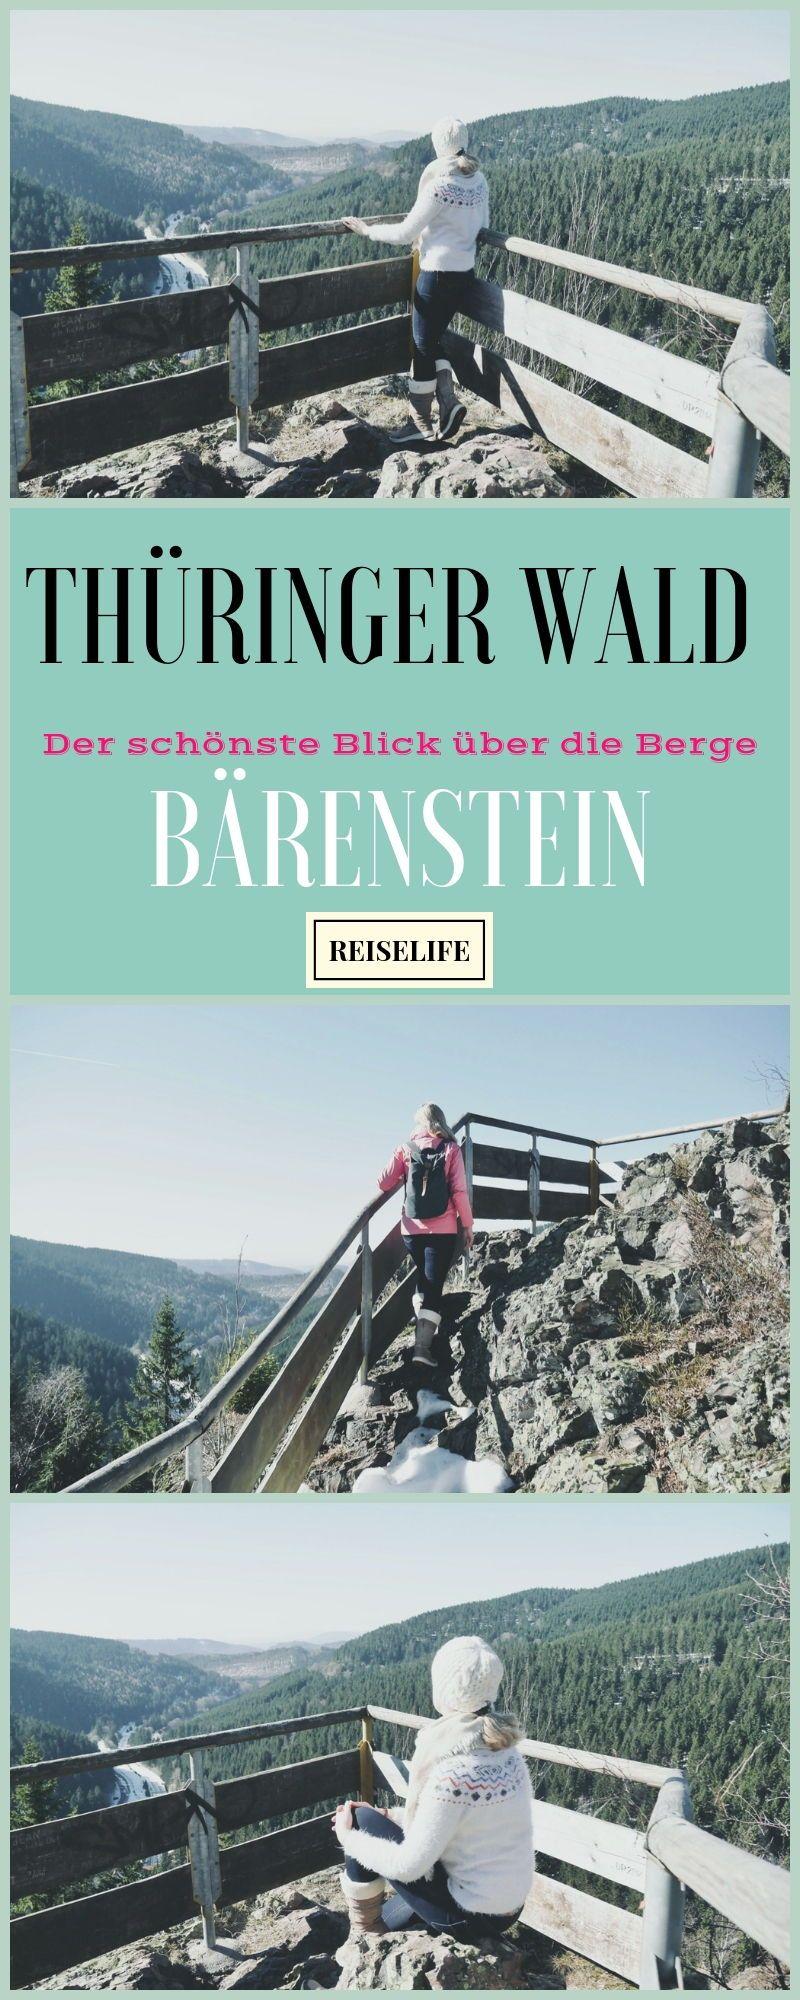 Thüringer Wald Wanderung - Märchenhaft und geheimnisvoll!